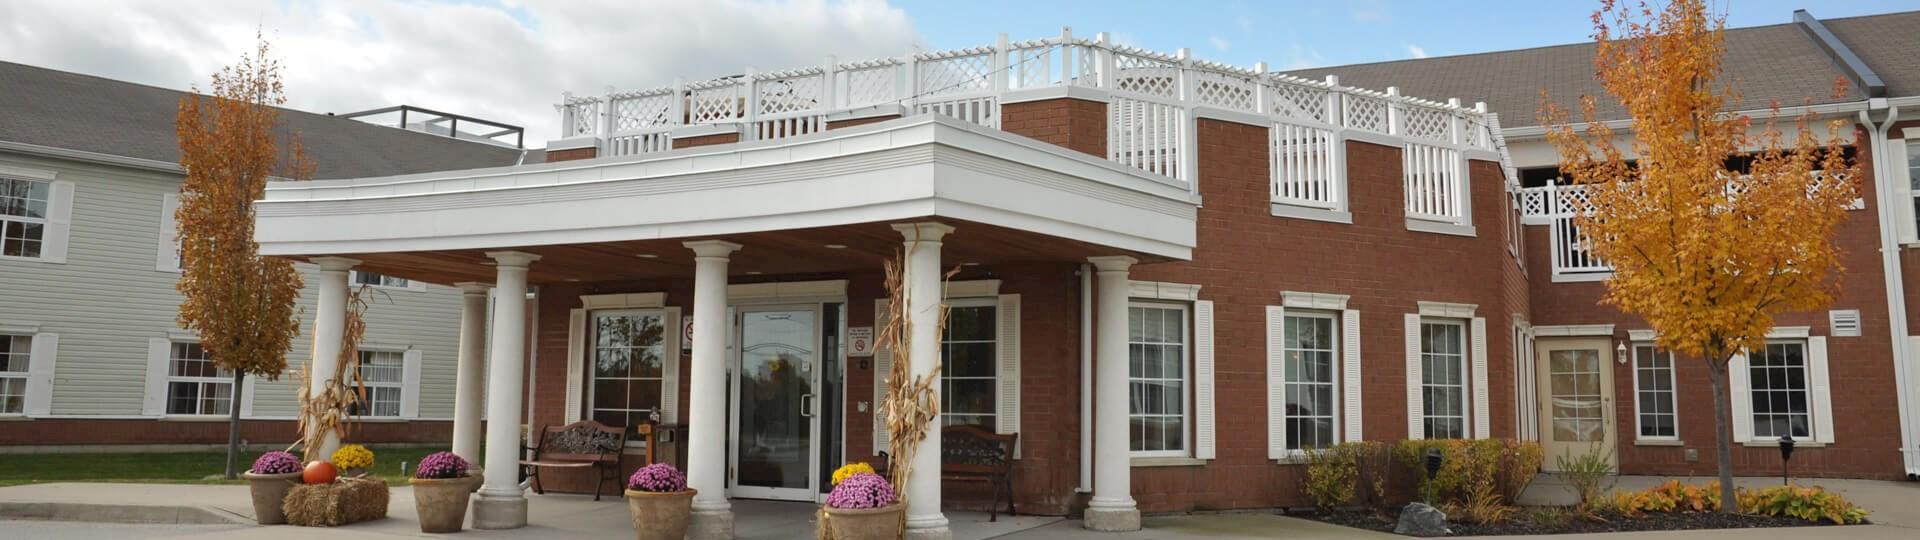 Revera Winbourne Park Long Term Care Home